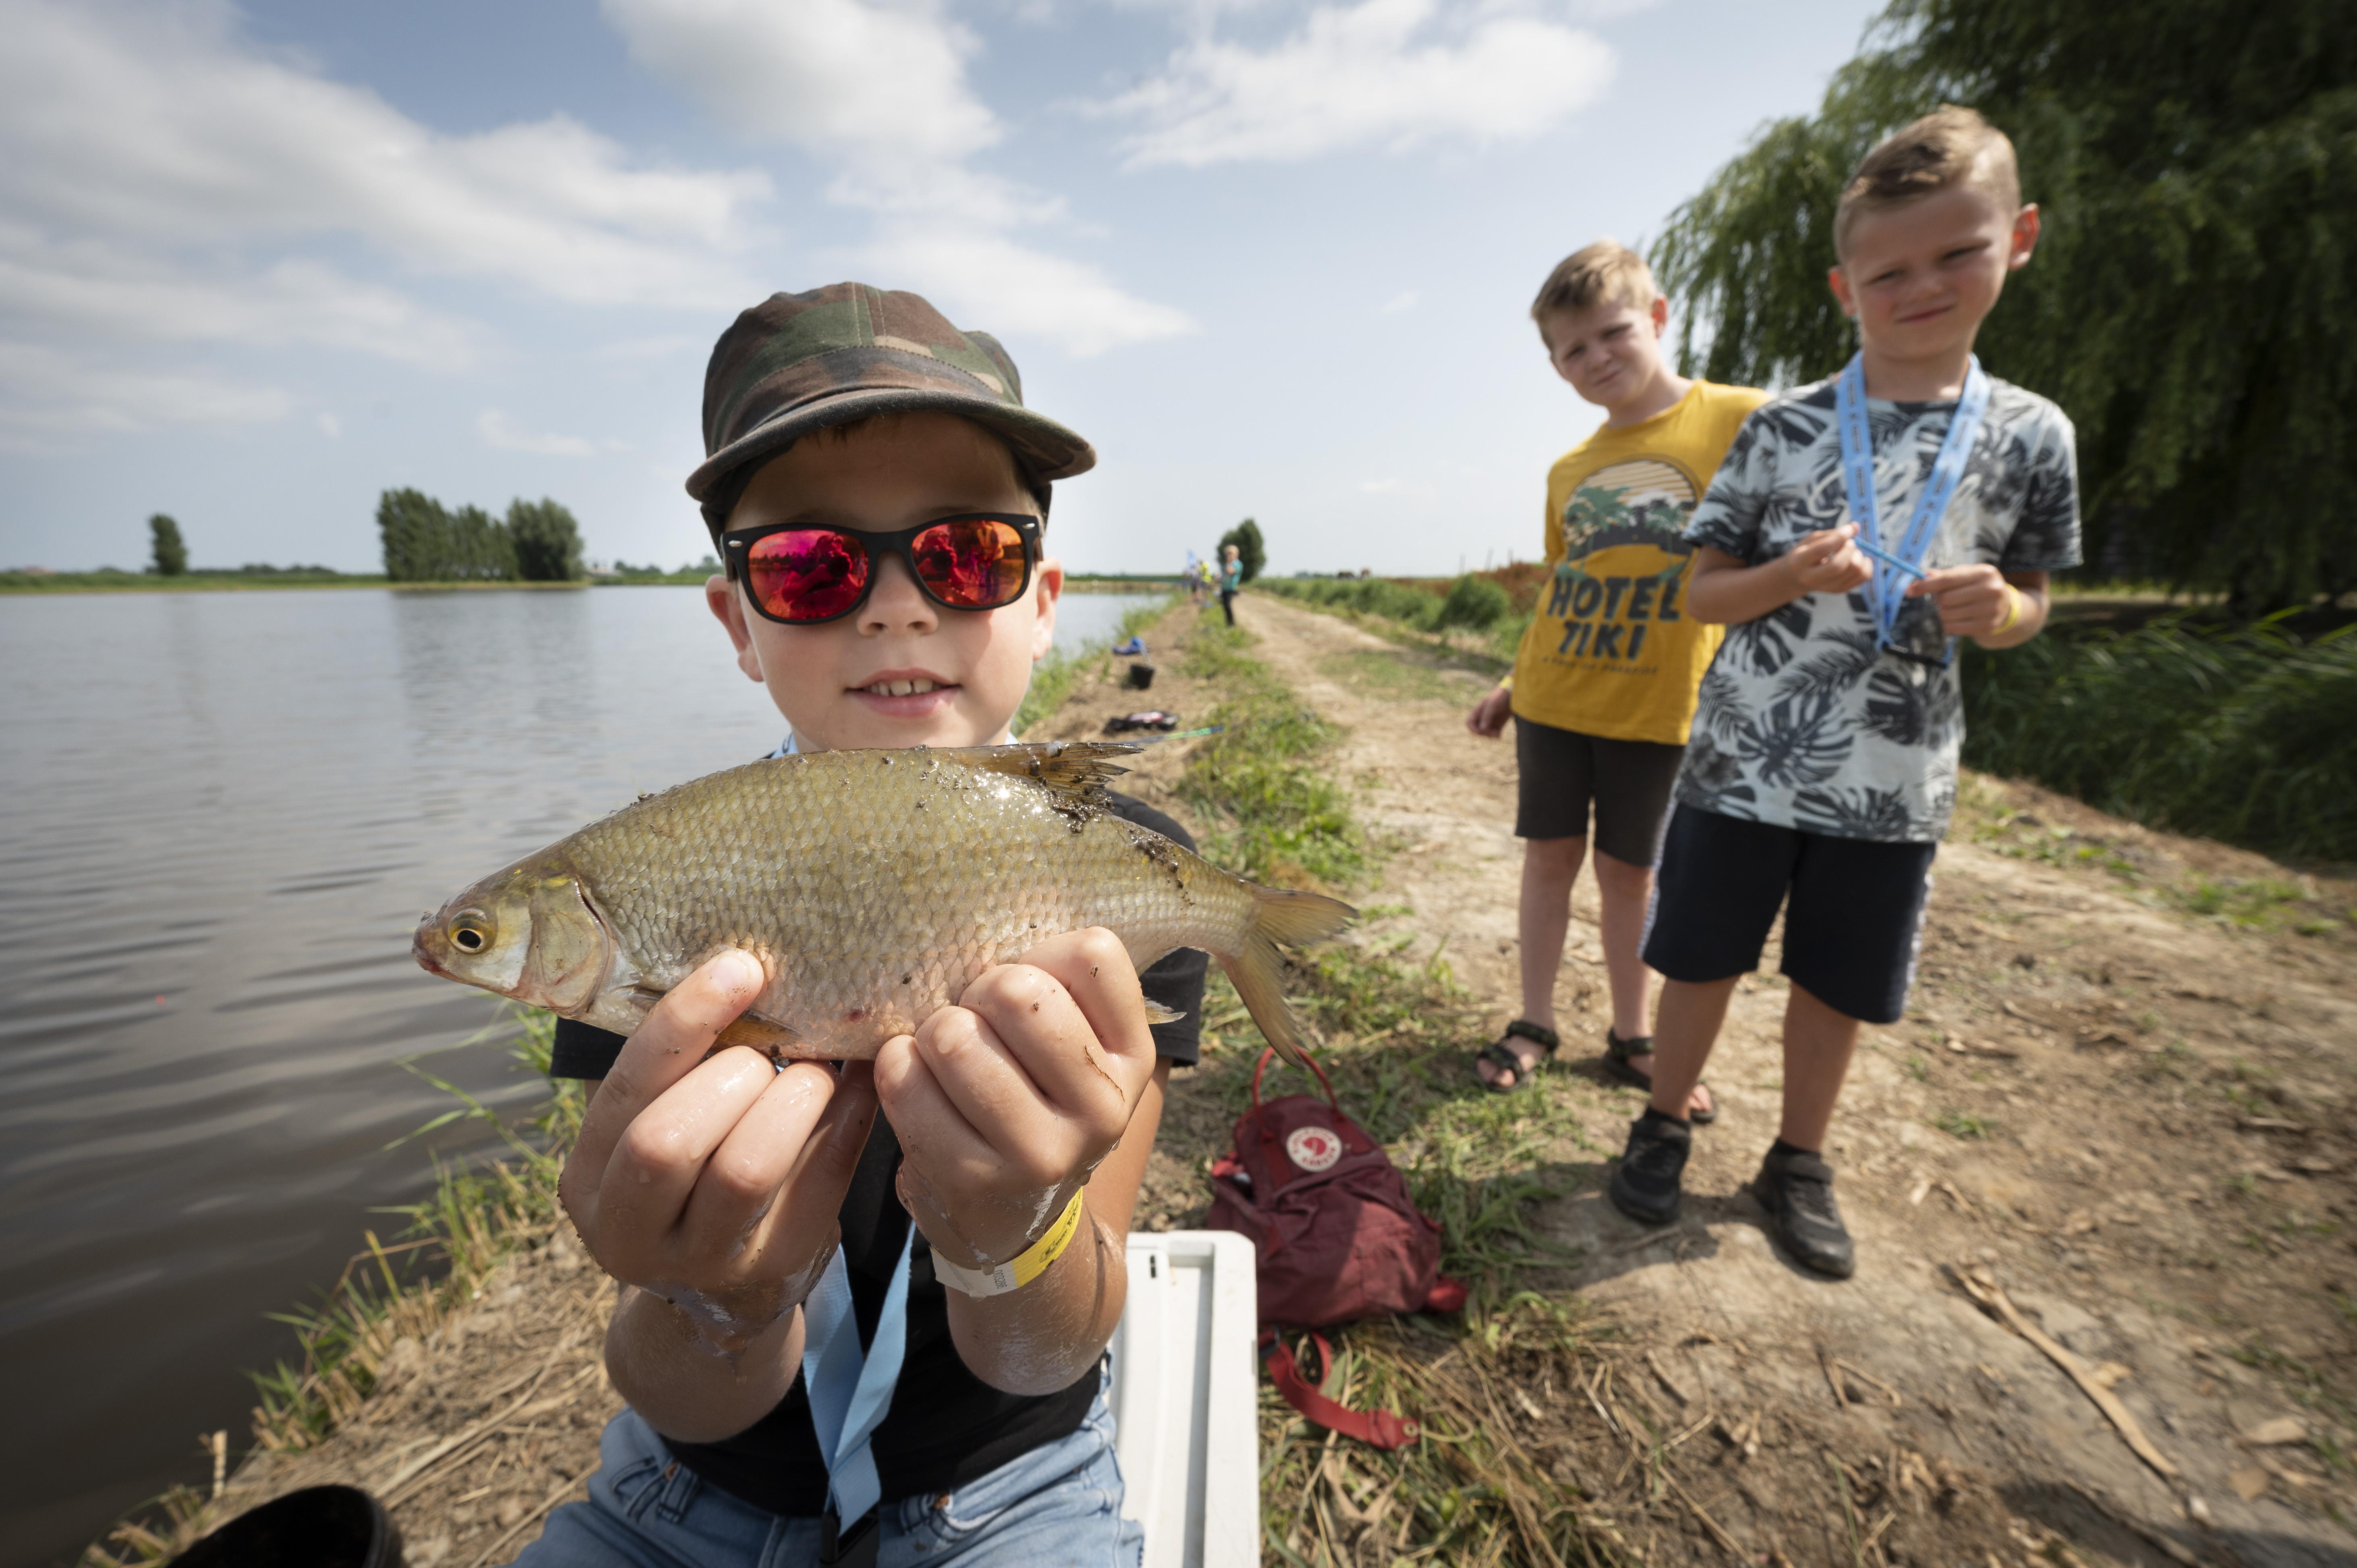 Een half dagje vissen? De jeugd vindt het spannend en geweldig tijdens de zomerviskaravaan in Nieuwkoop